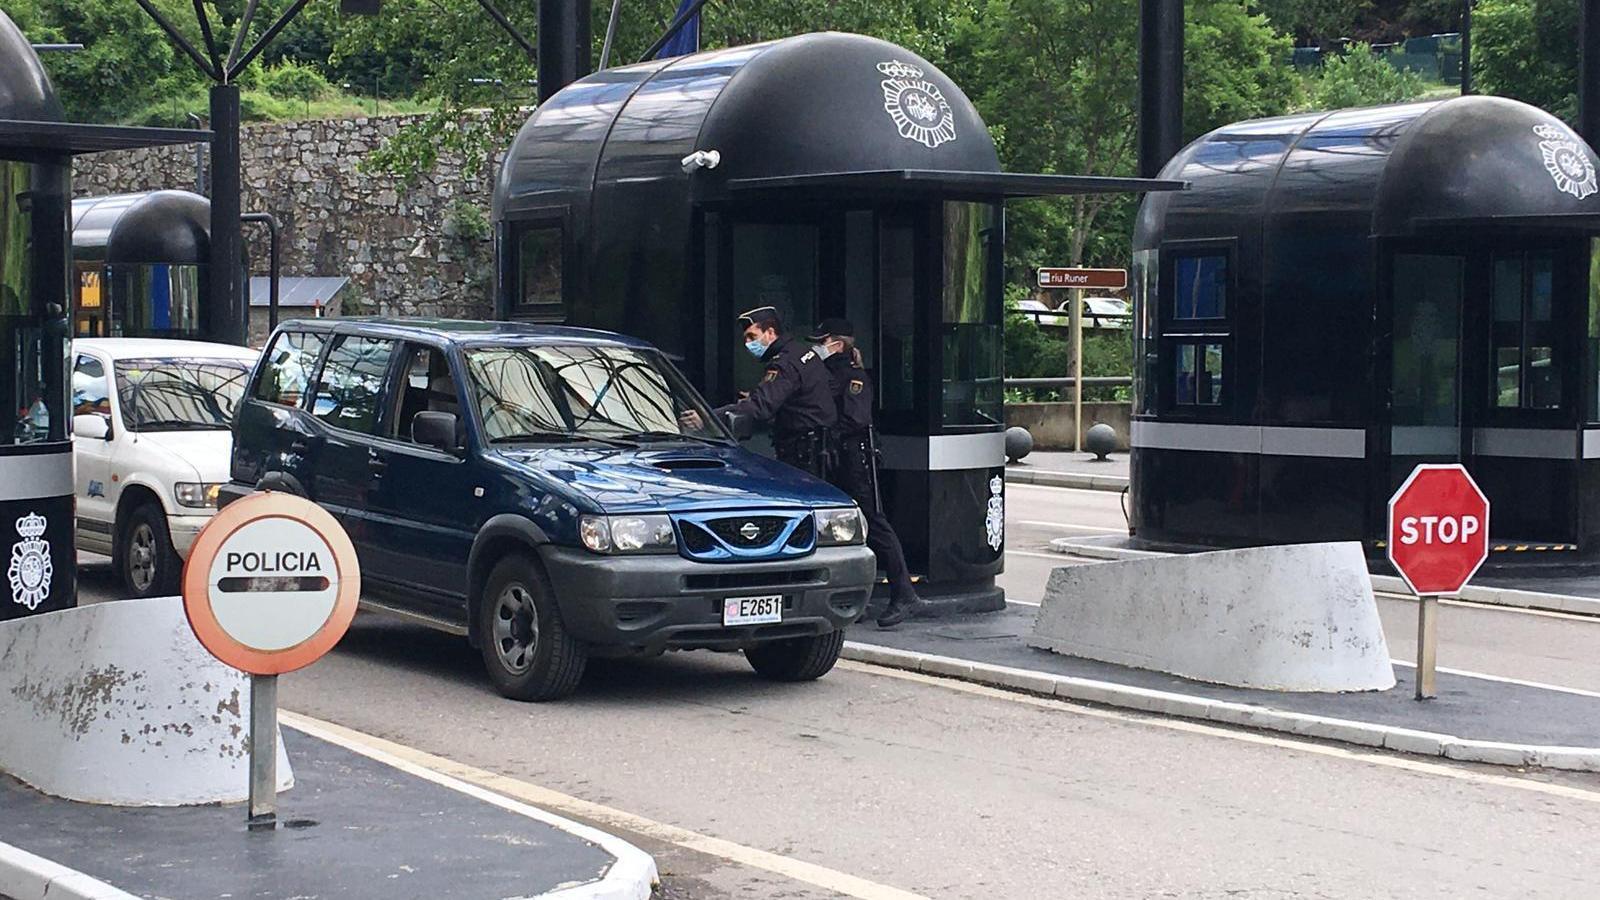 La policia espanyola atura un vehicle andorrà. / M. P.